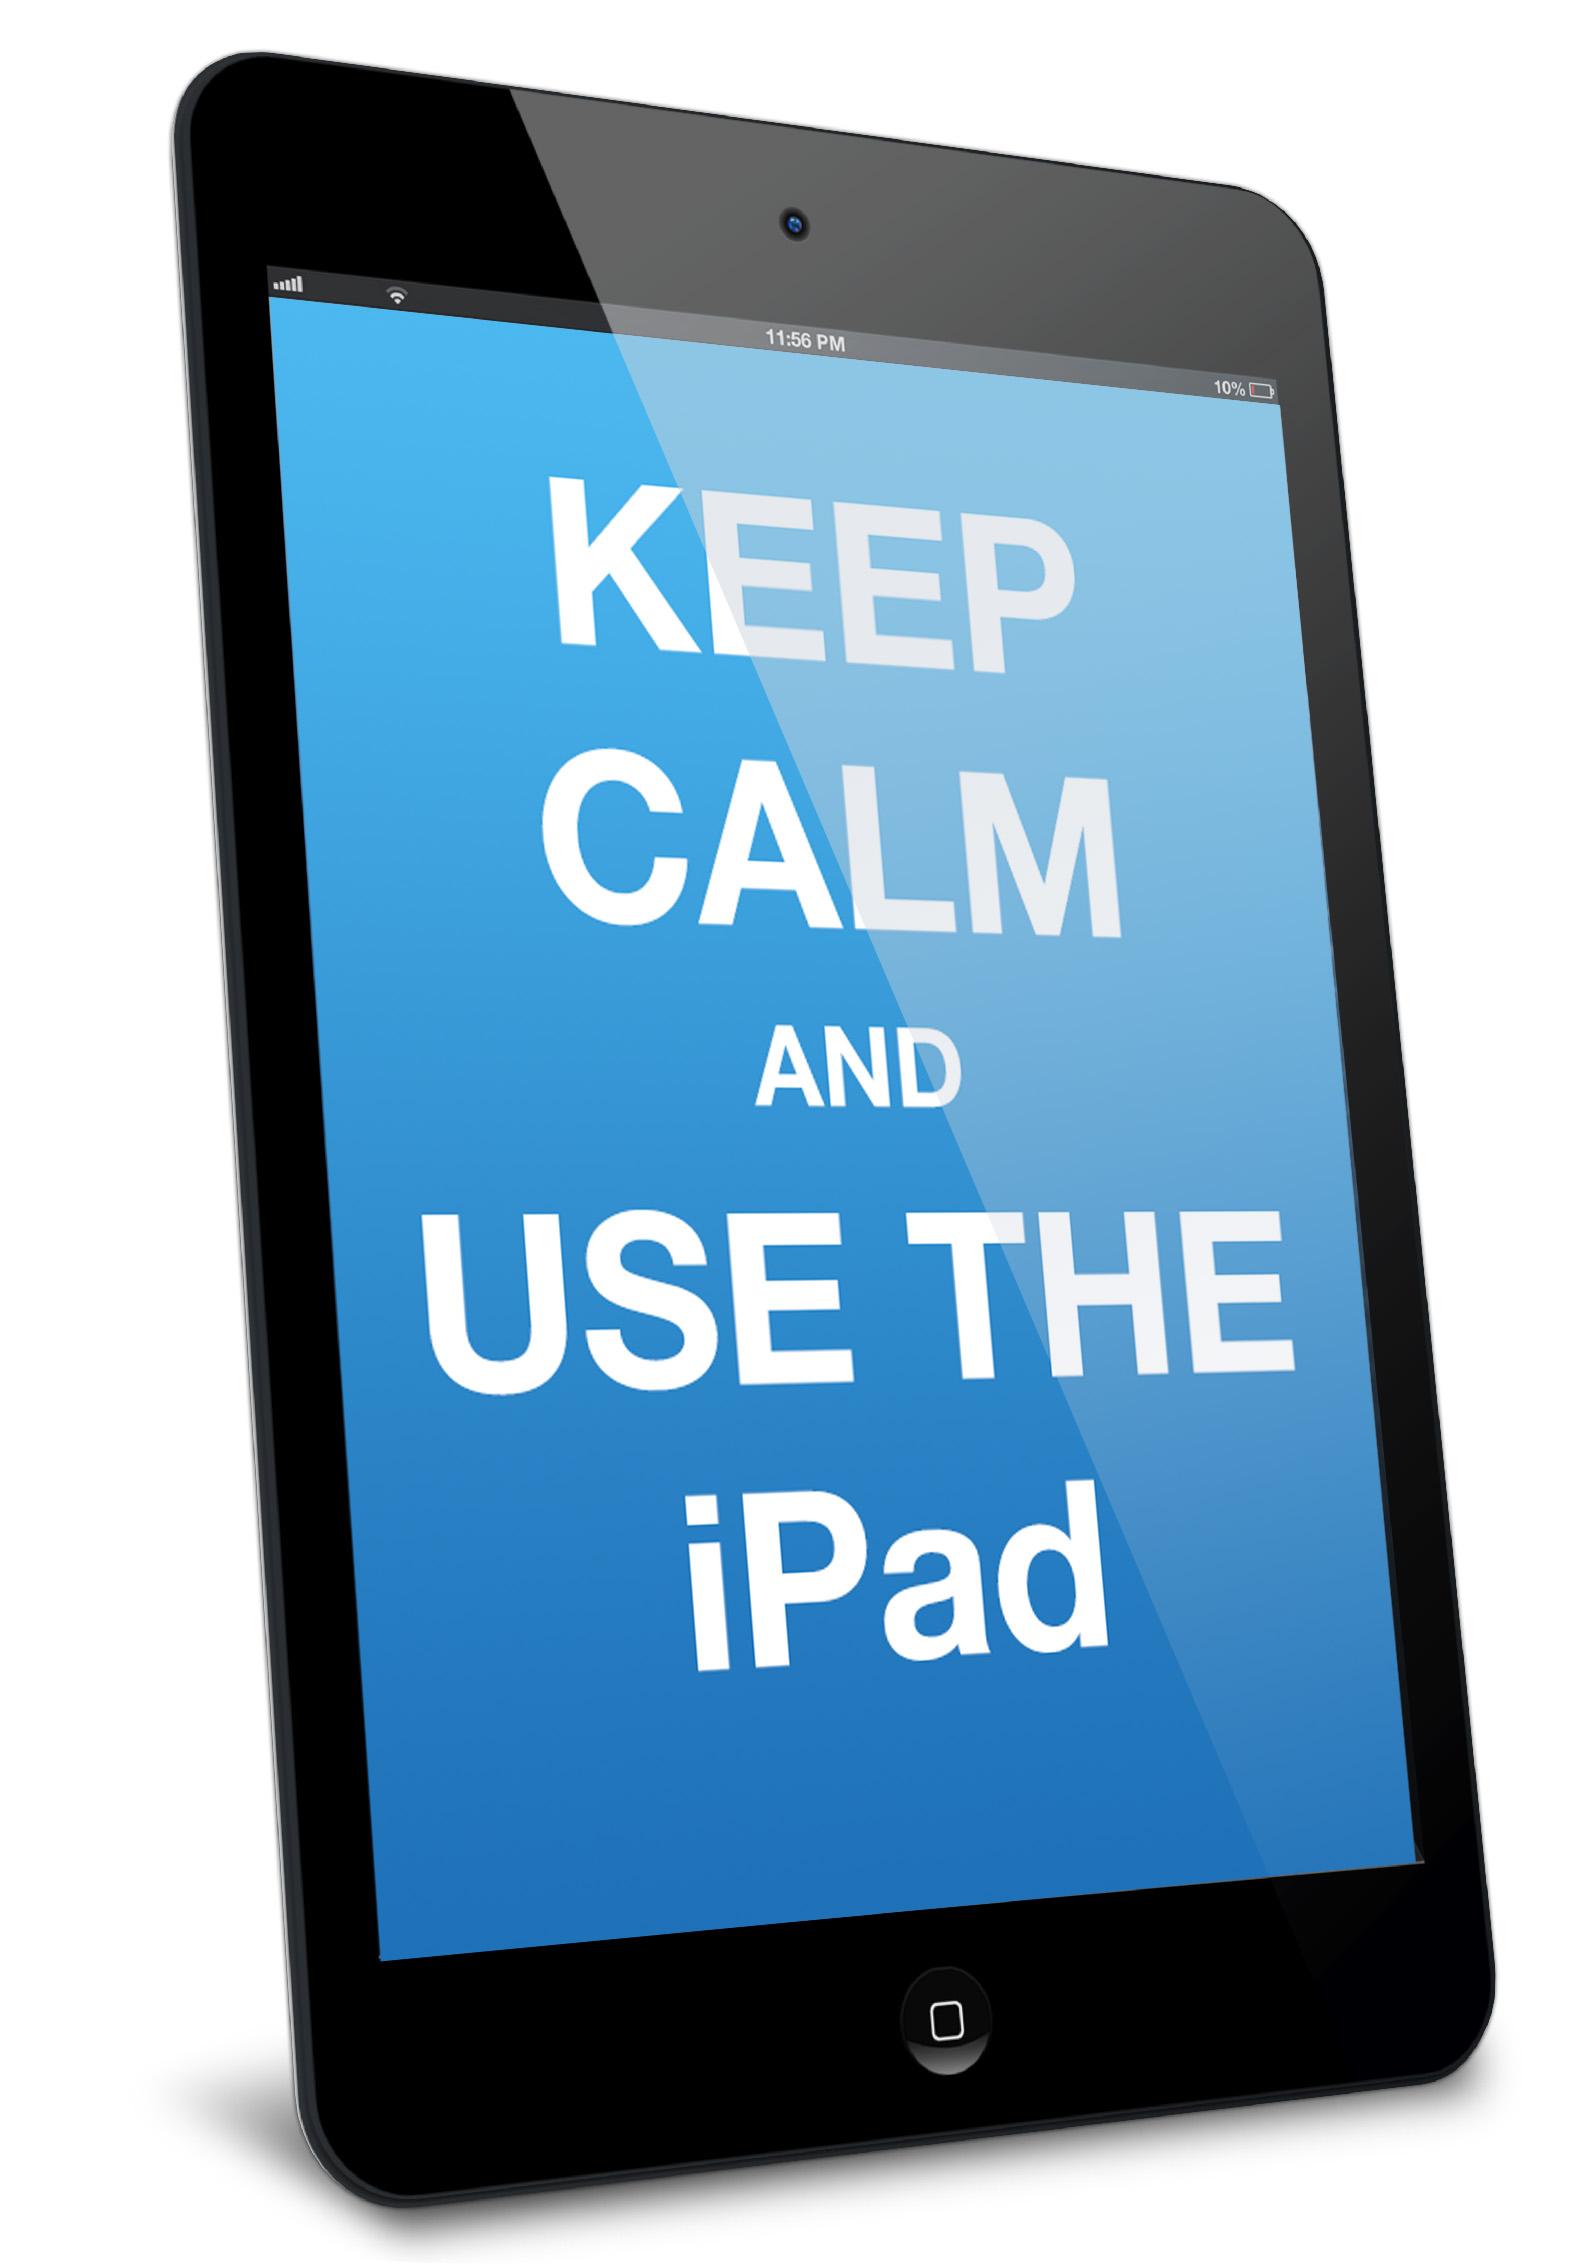 ipad keep calm